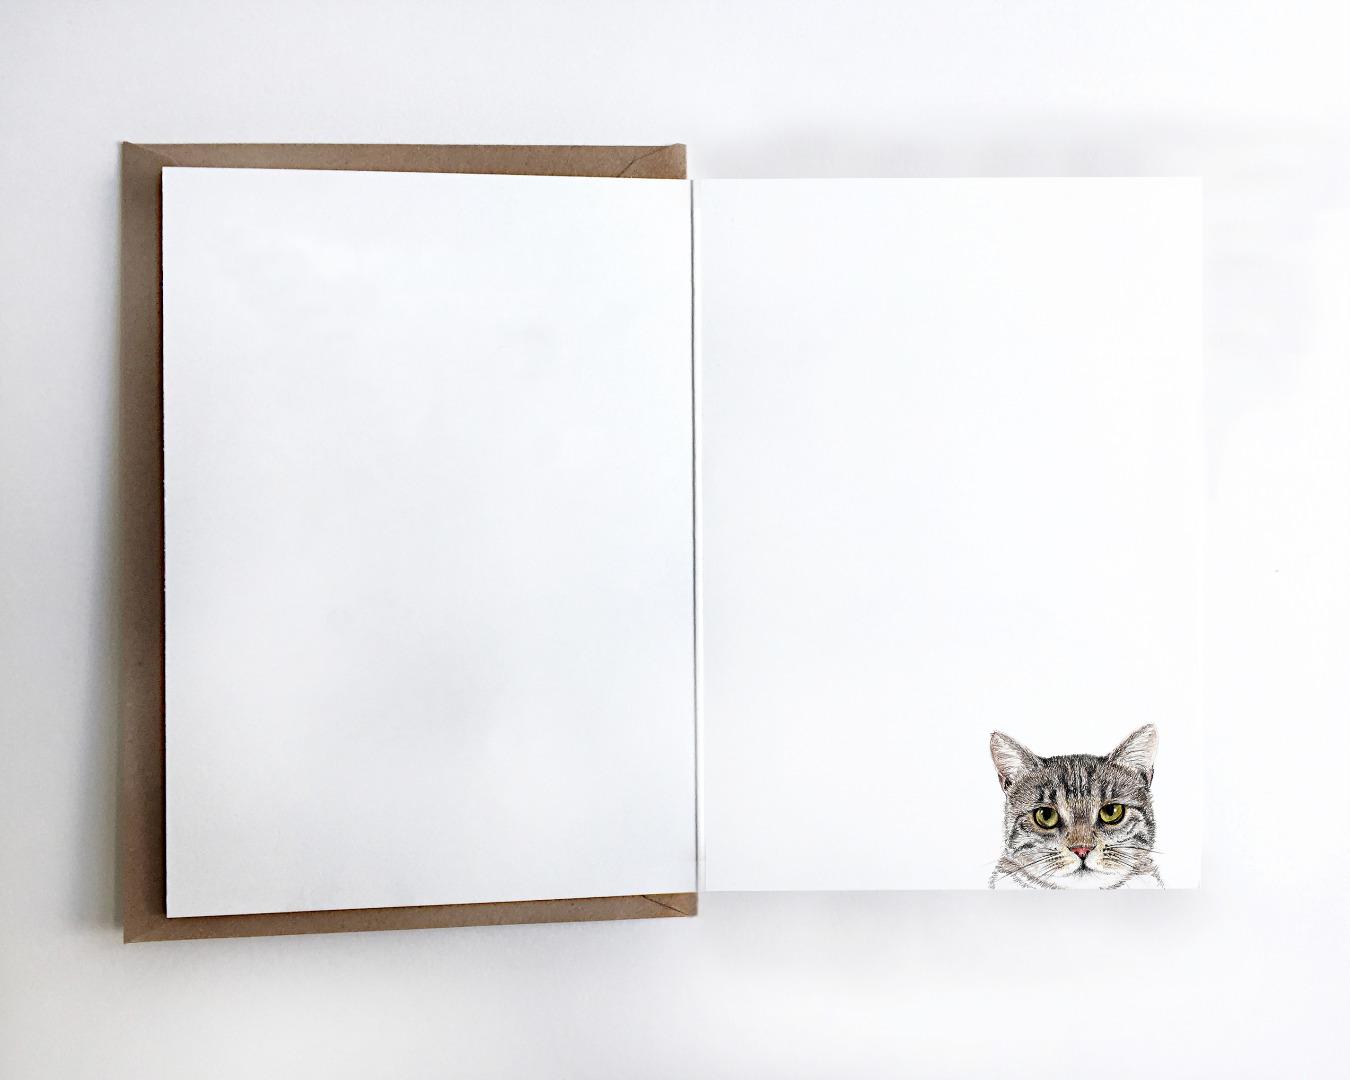 Grußkarte Spacecat Geburtstagskarte 3